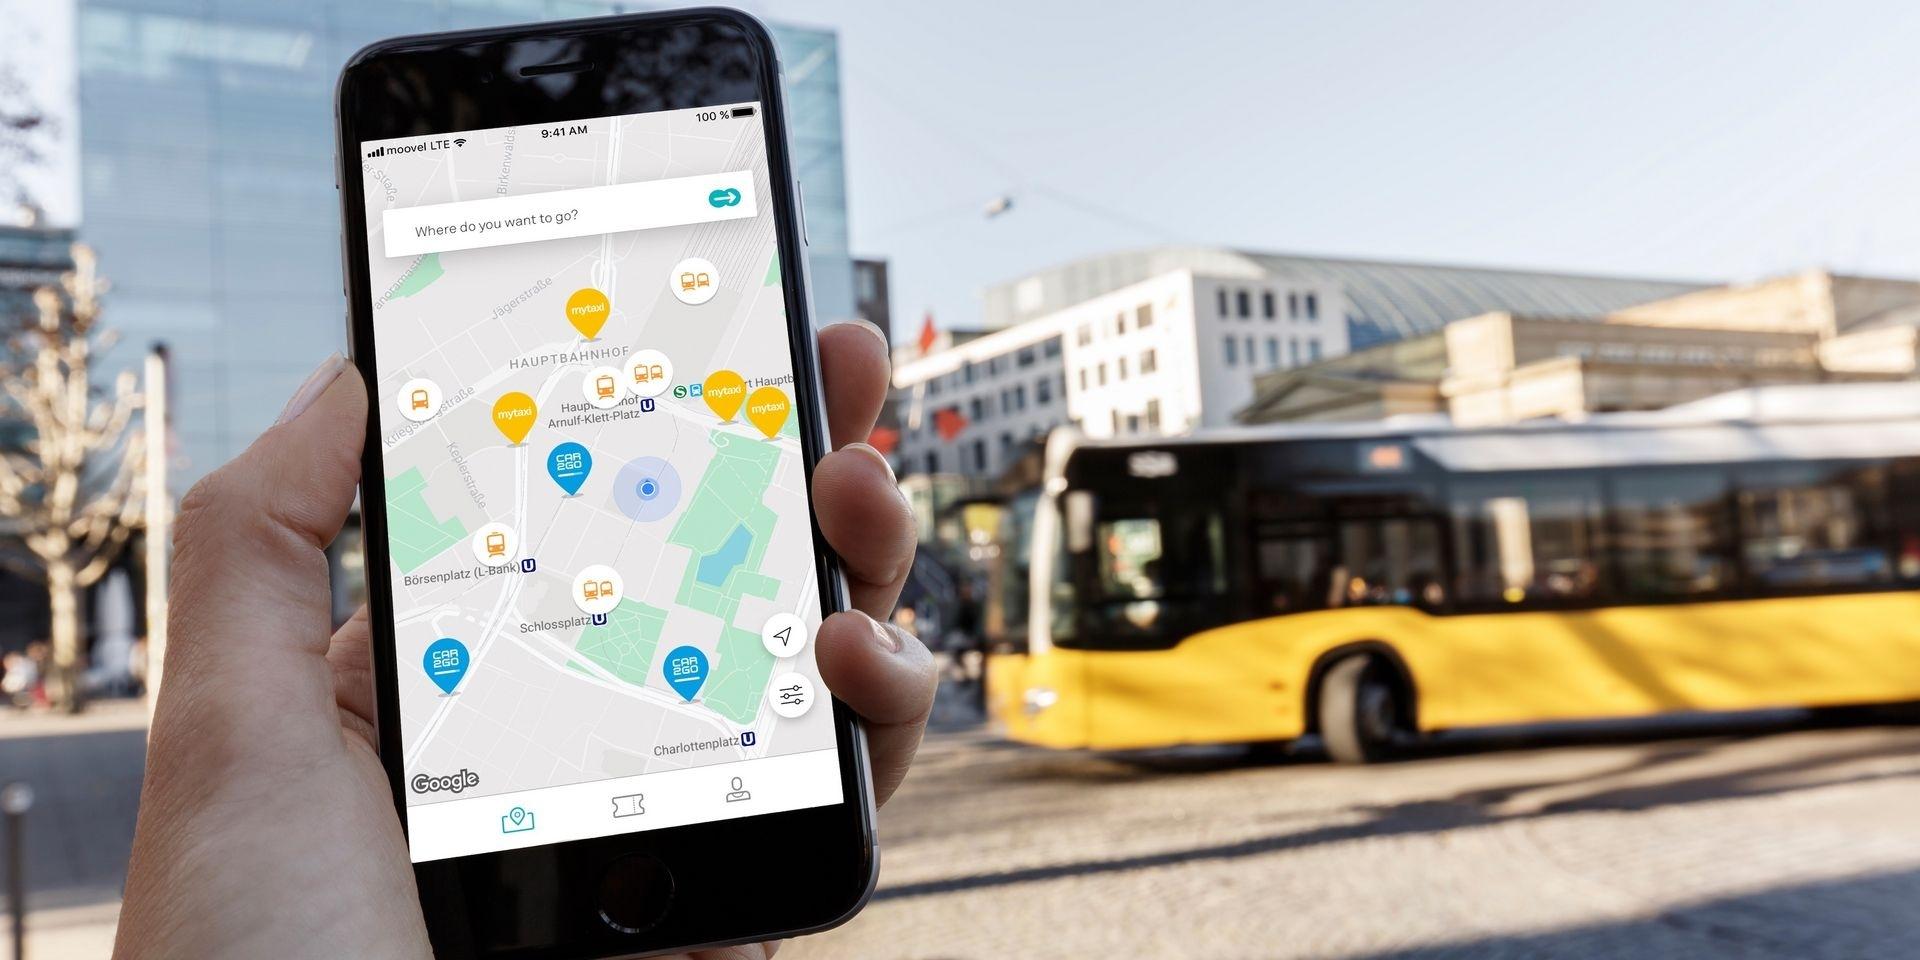 德國兩大廠聯手,BMW以及Daimler共同打造移動服務